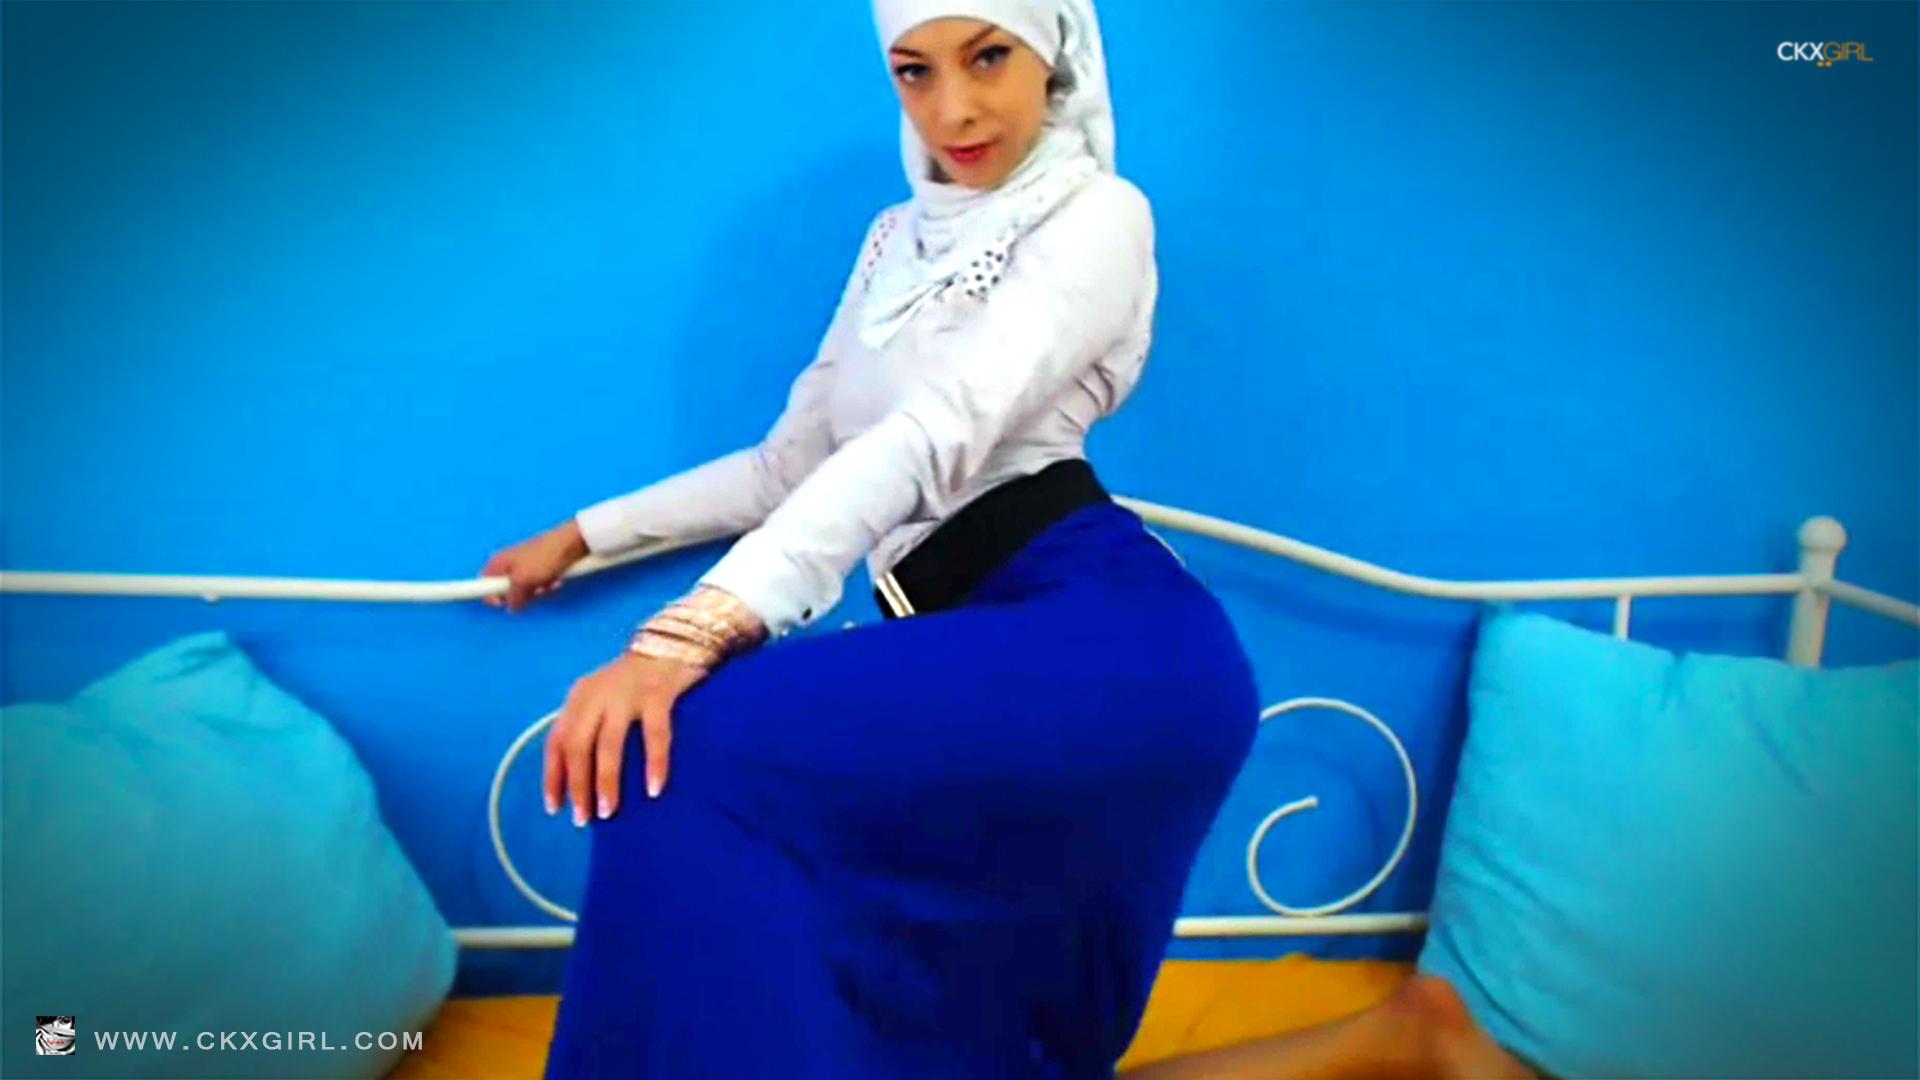 Jasminmuslim  Cokegirlx  Muslim Hijab Girls  Live Sex Shows  Xxx  Cokegirlxcom-8490